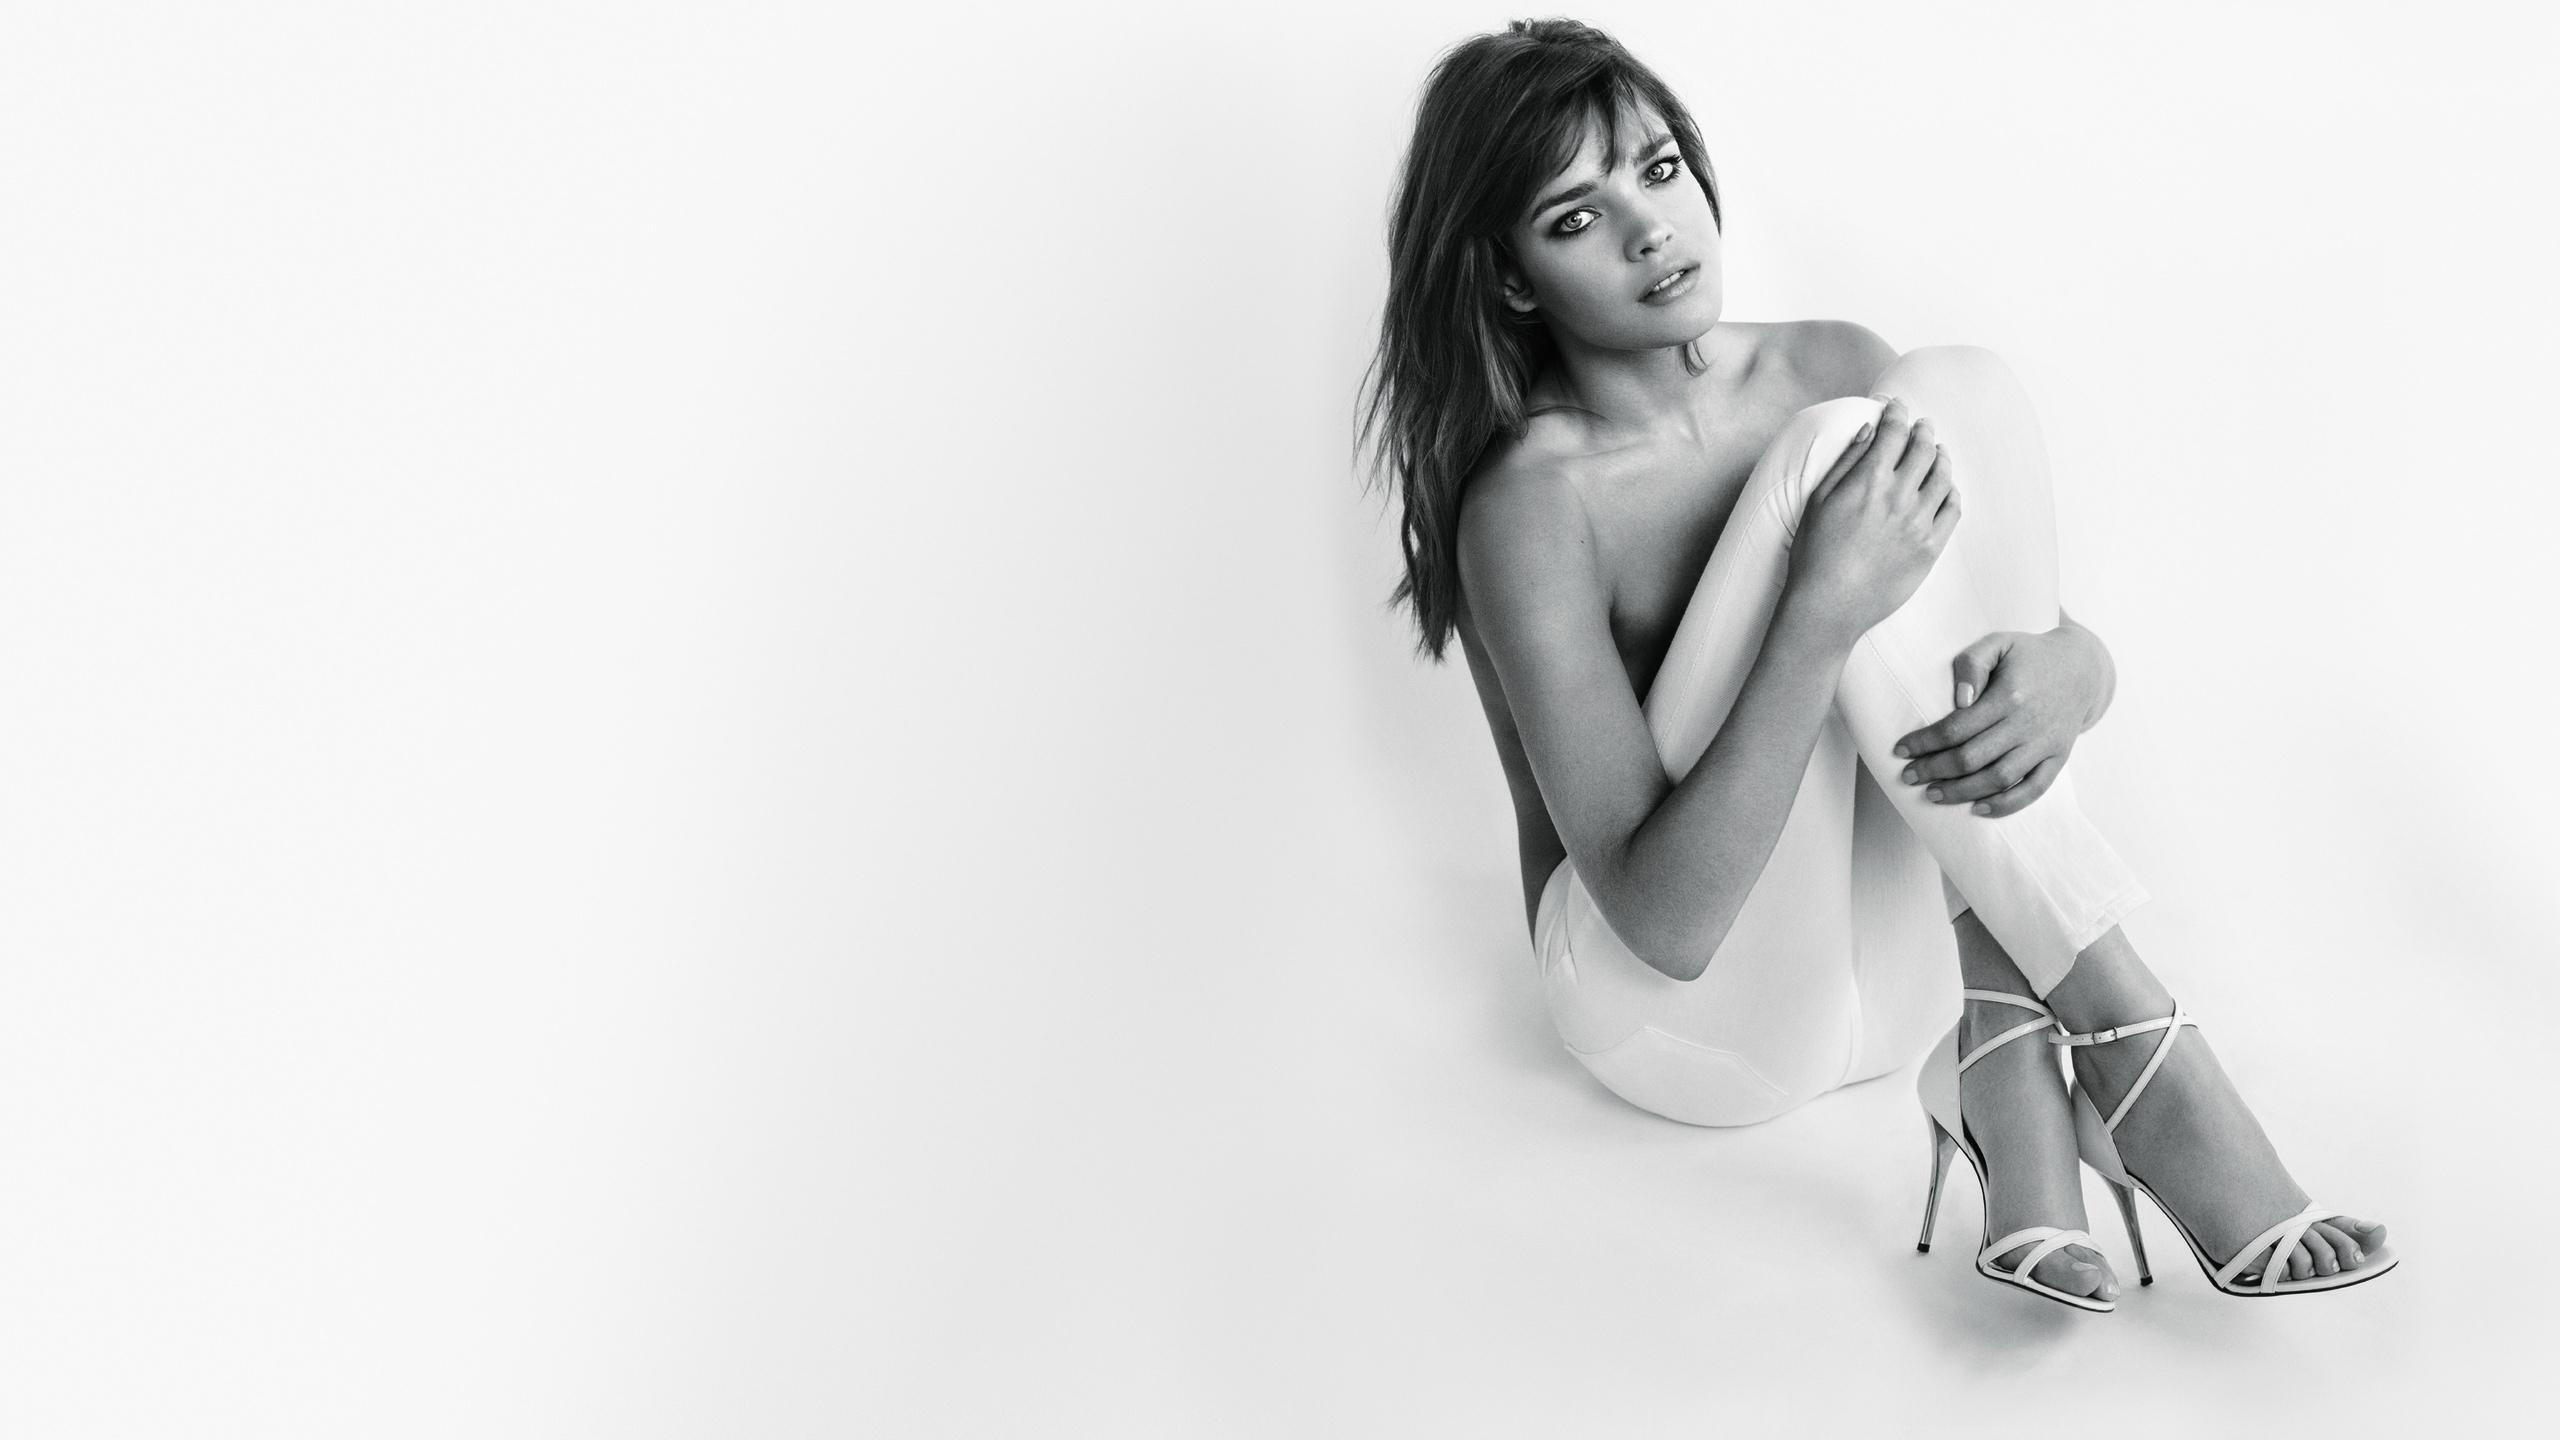 Natalia Vodianova Download